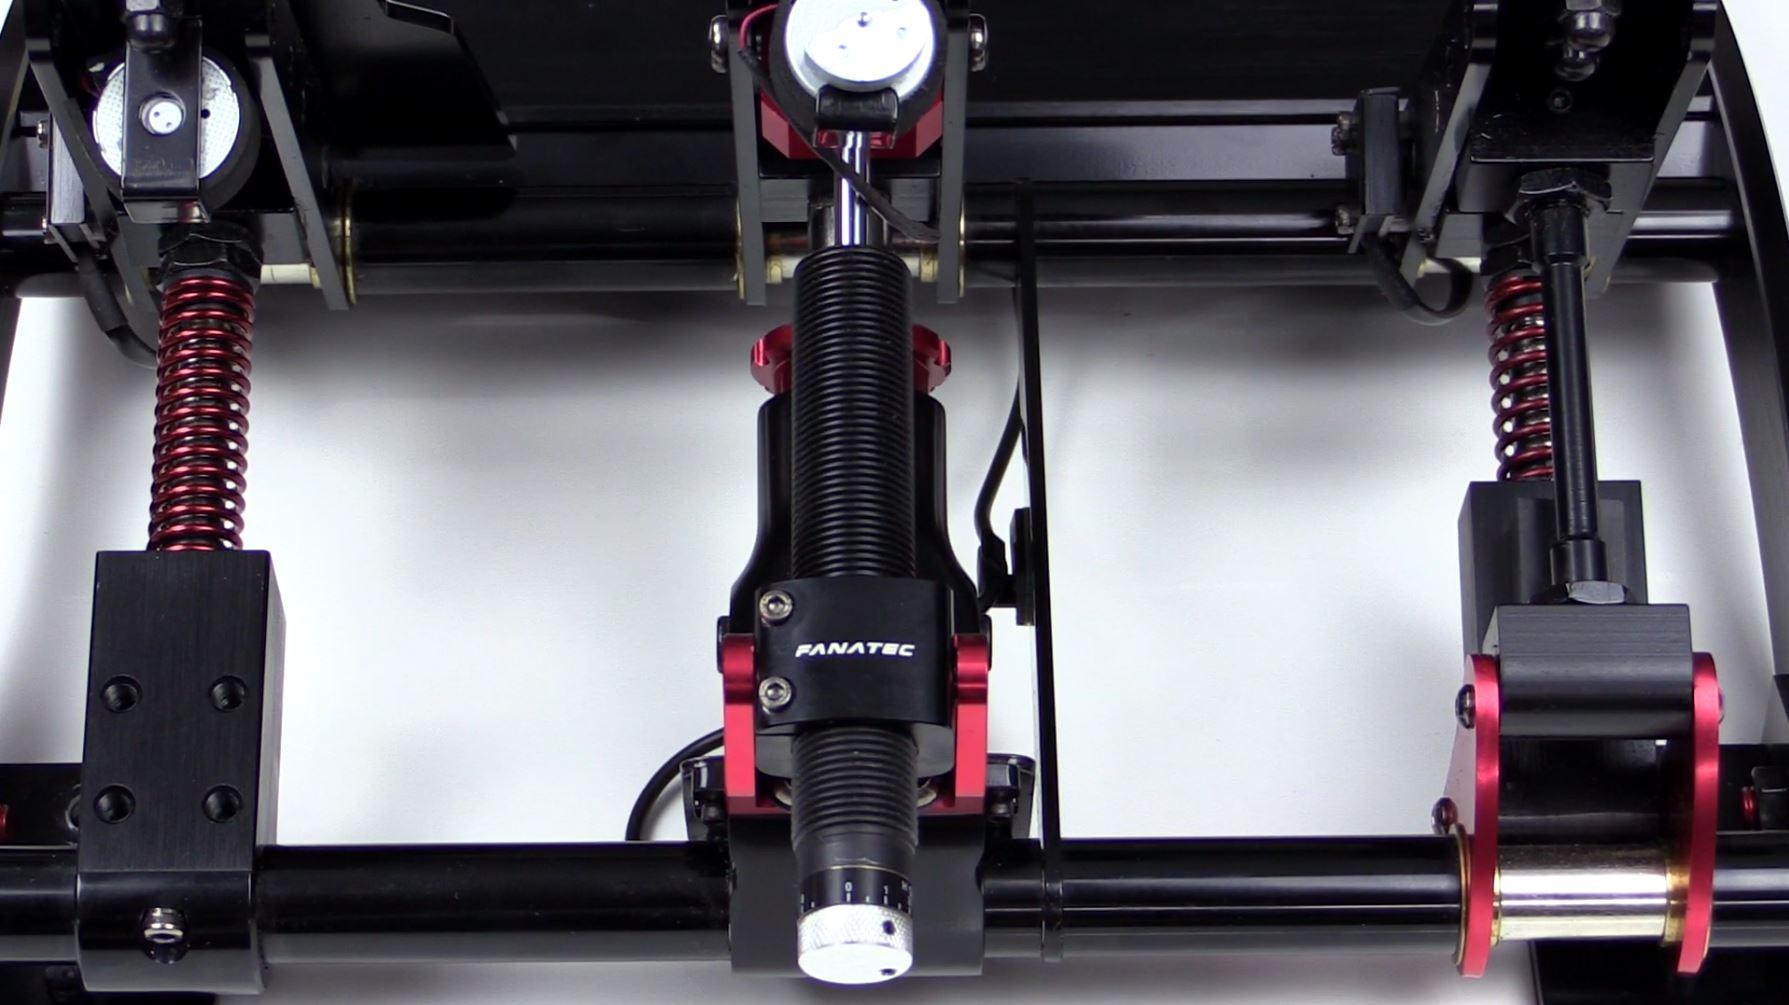 fanatec-v3-pedals-damper-kit